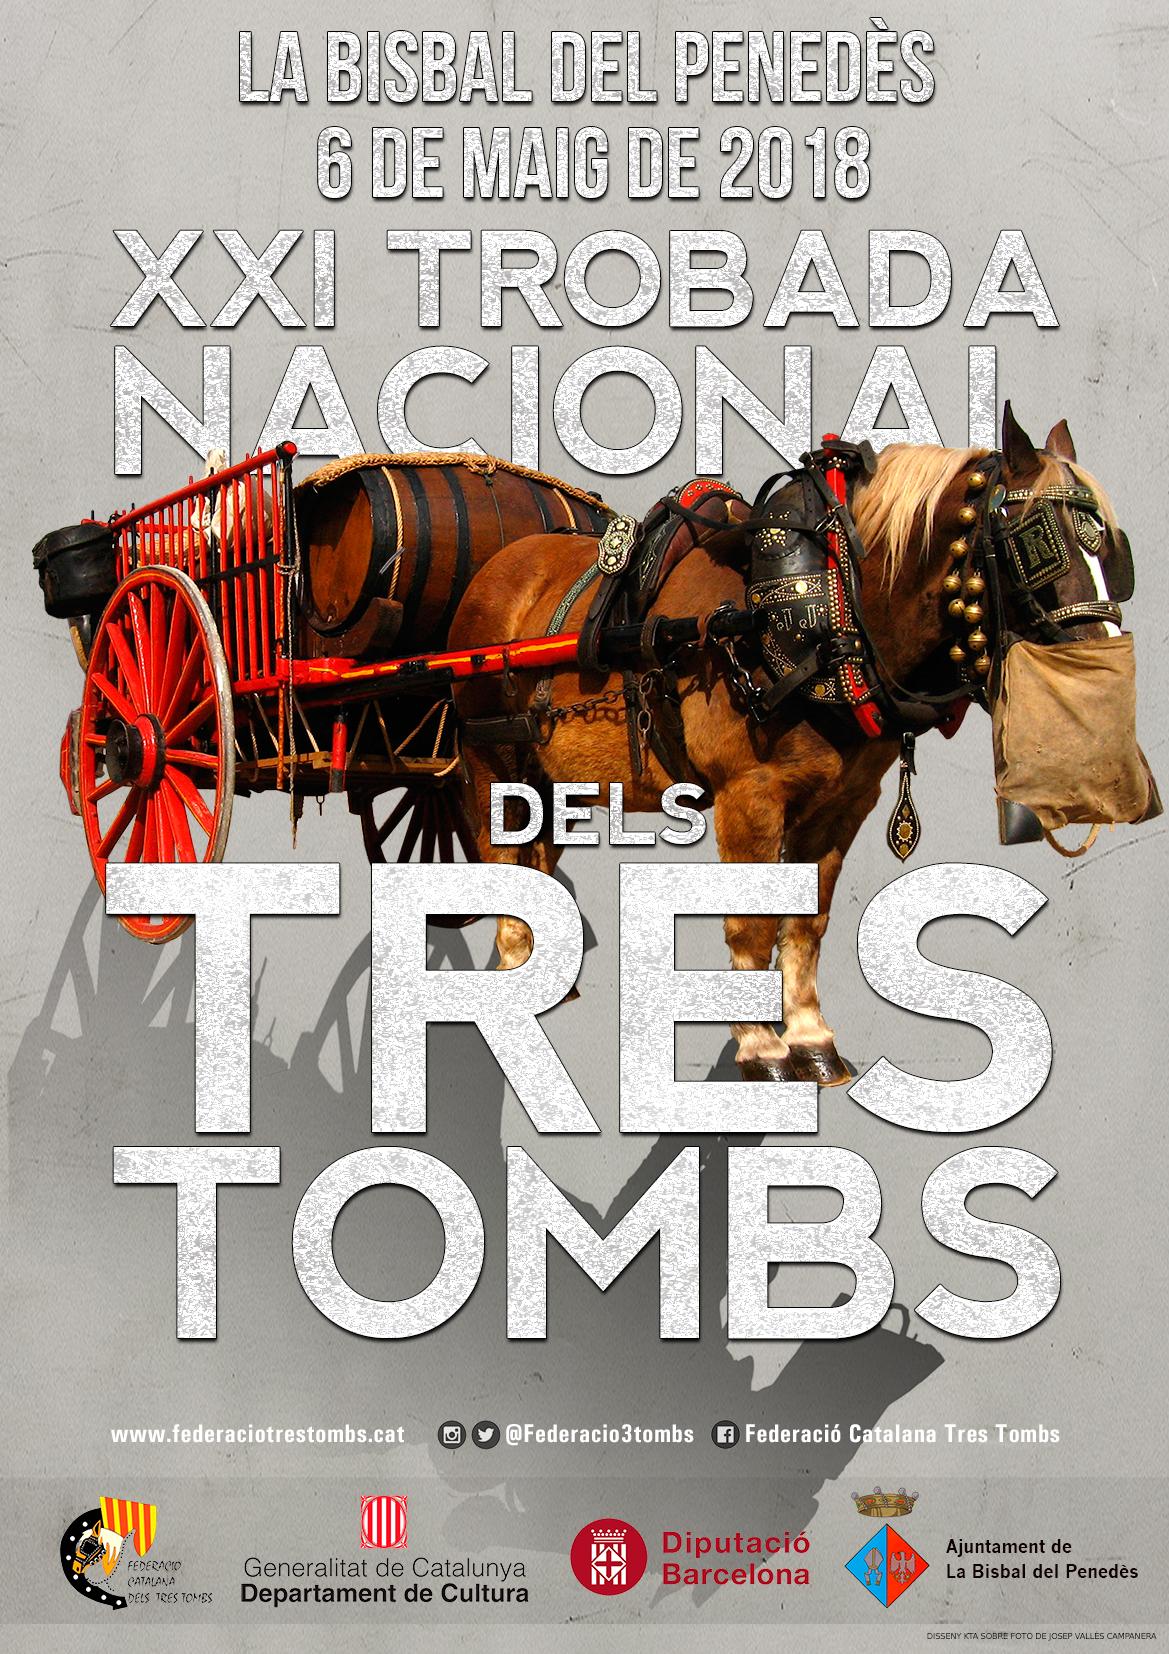 La Bisbal del Penedès acollirà la XXI Trobada Nacional dels Tres Tombs el proper diumenge 6 de maig